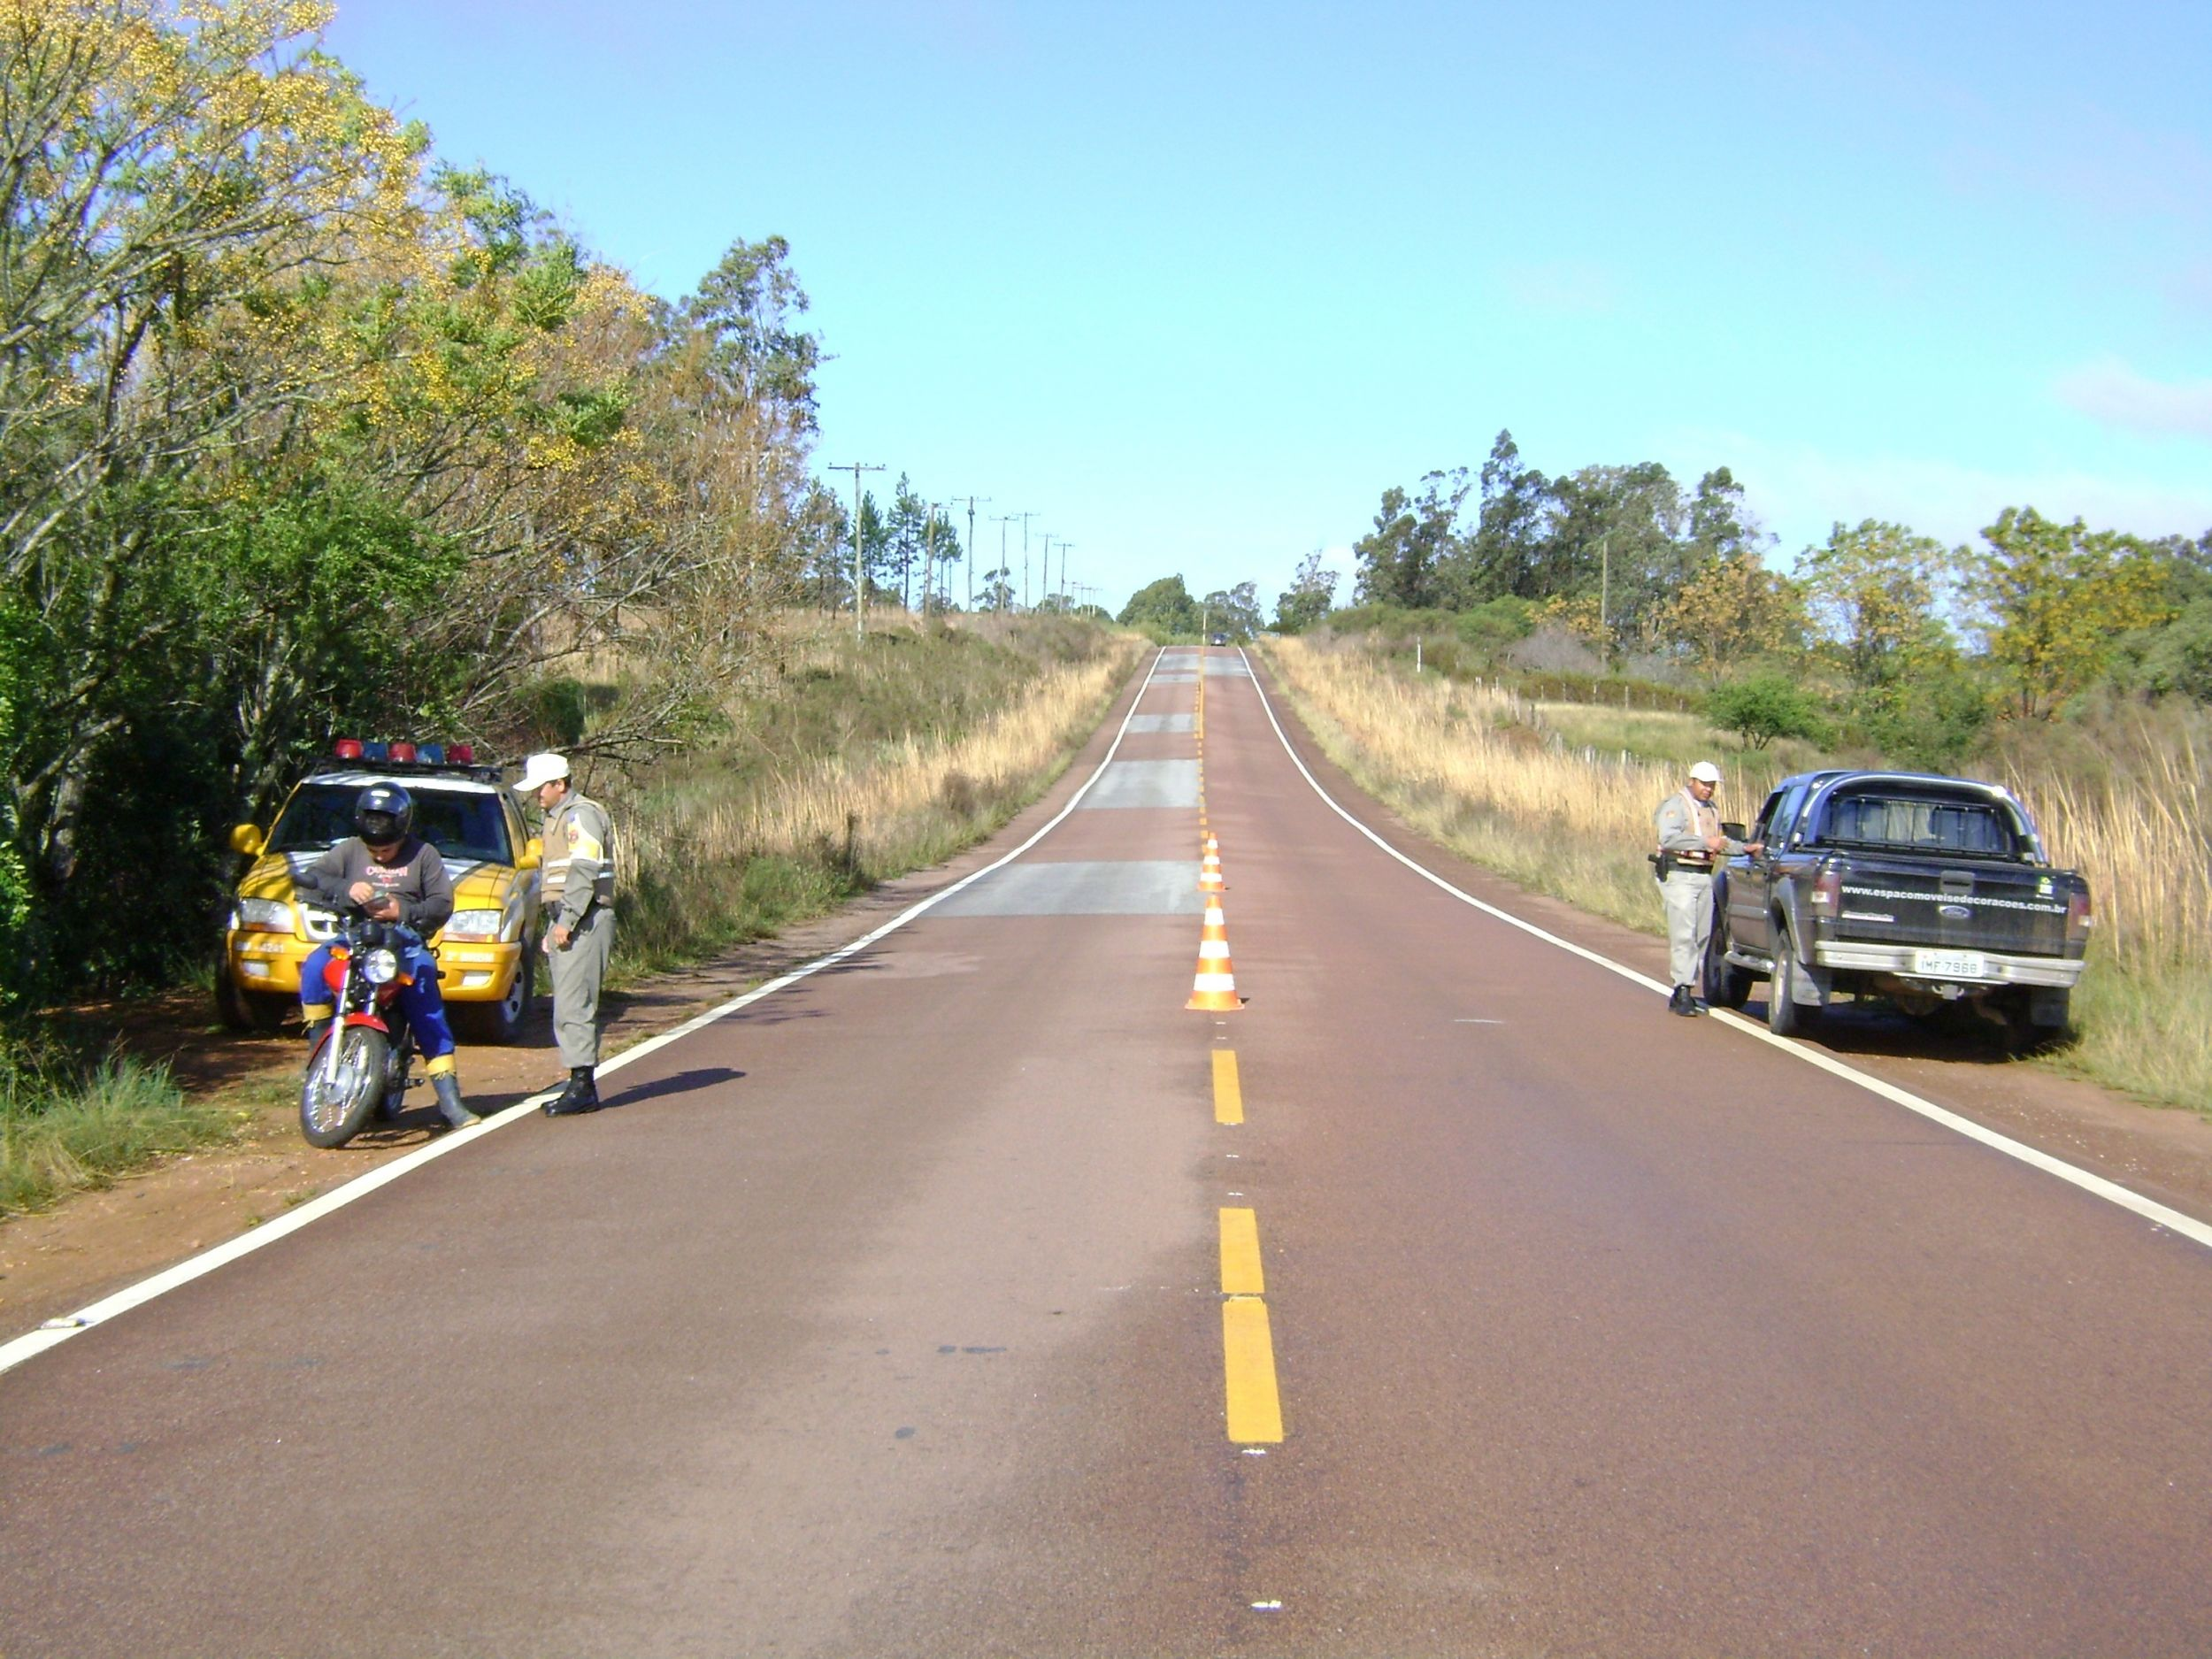 Viagem Segura – Finados registra menor índice de acidentes desde 2011